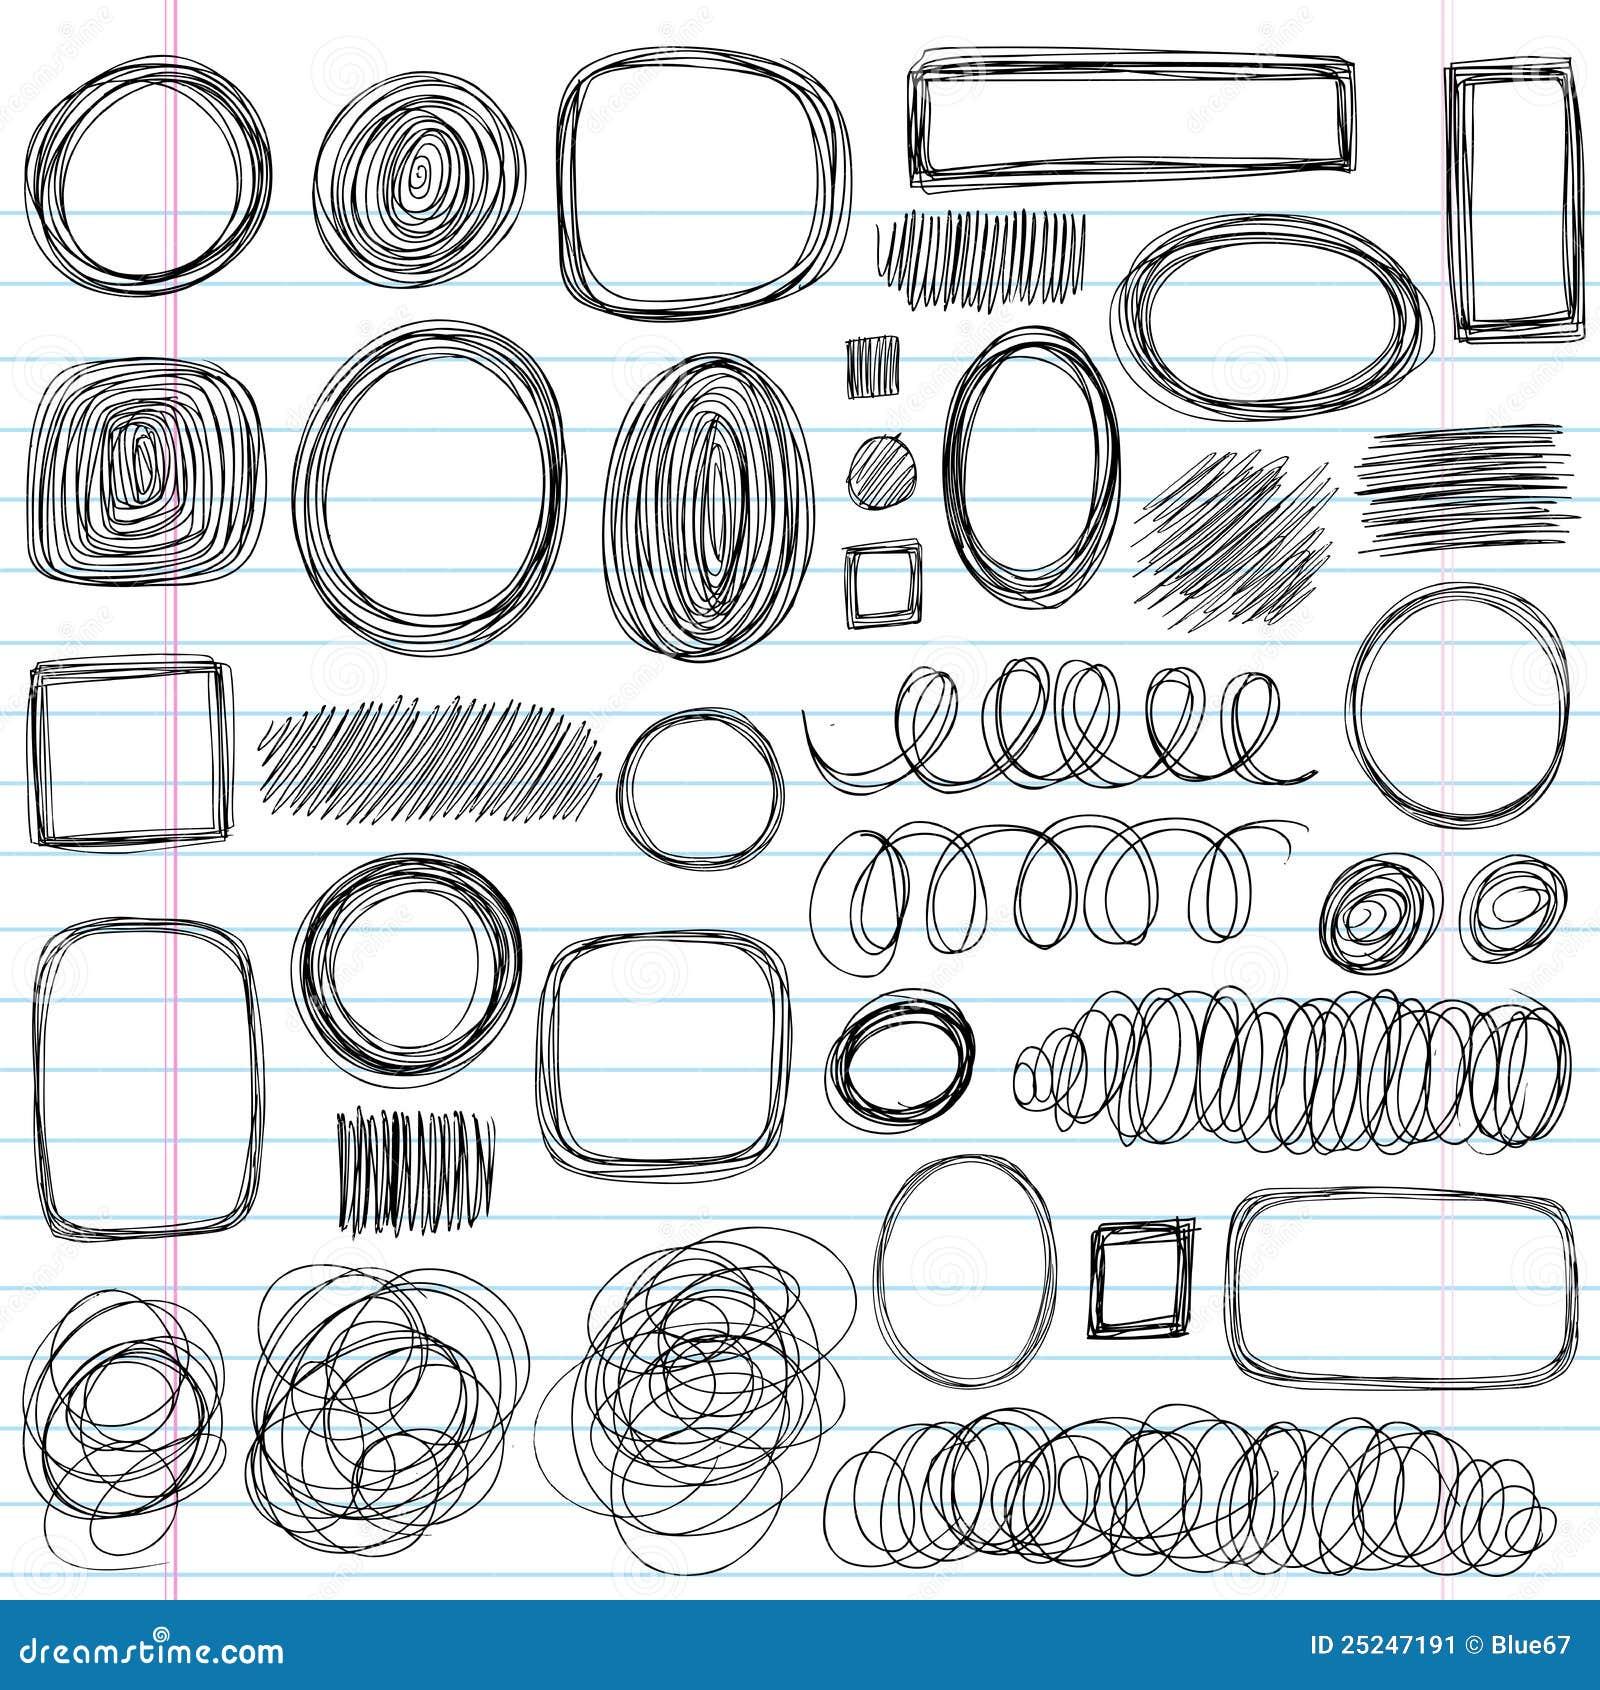 Vector illustration design elements on lined sketchbook paper